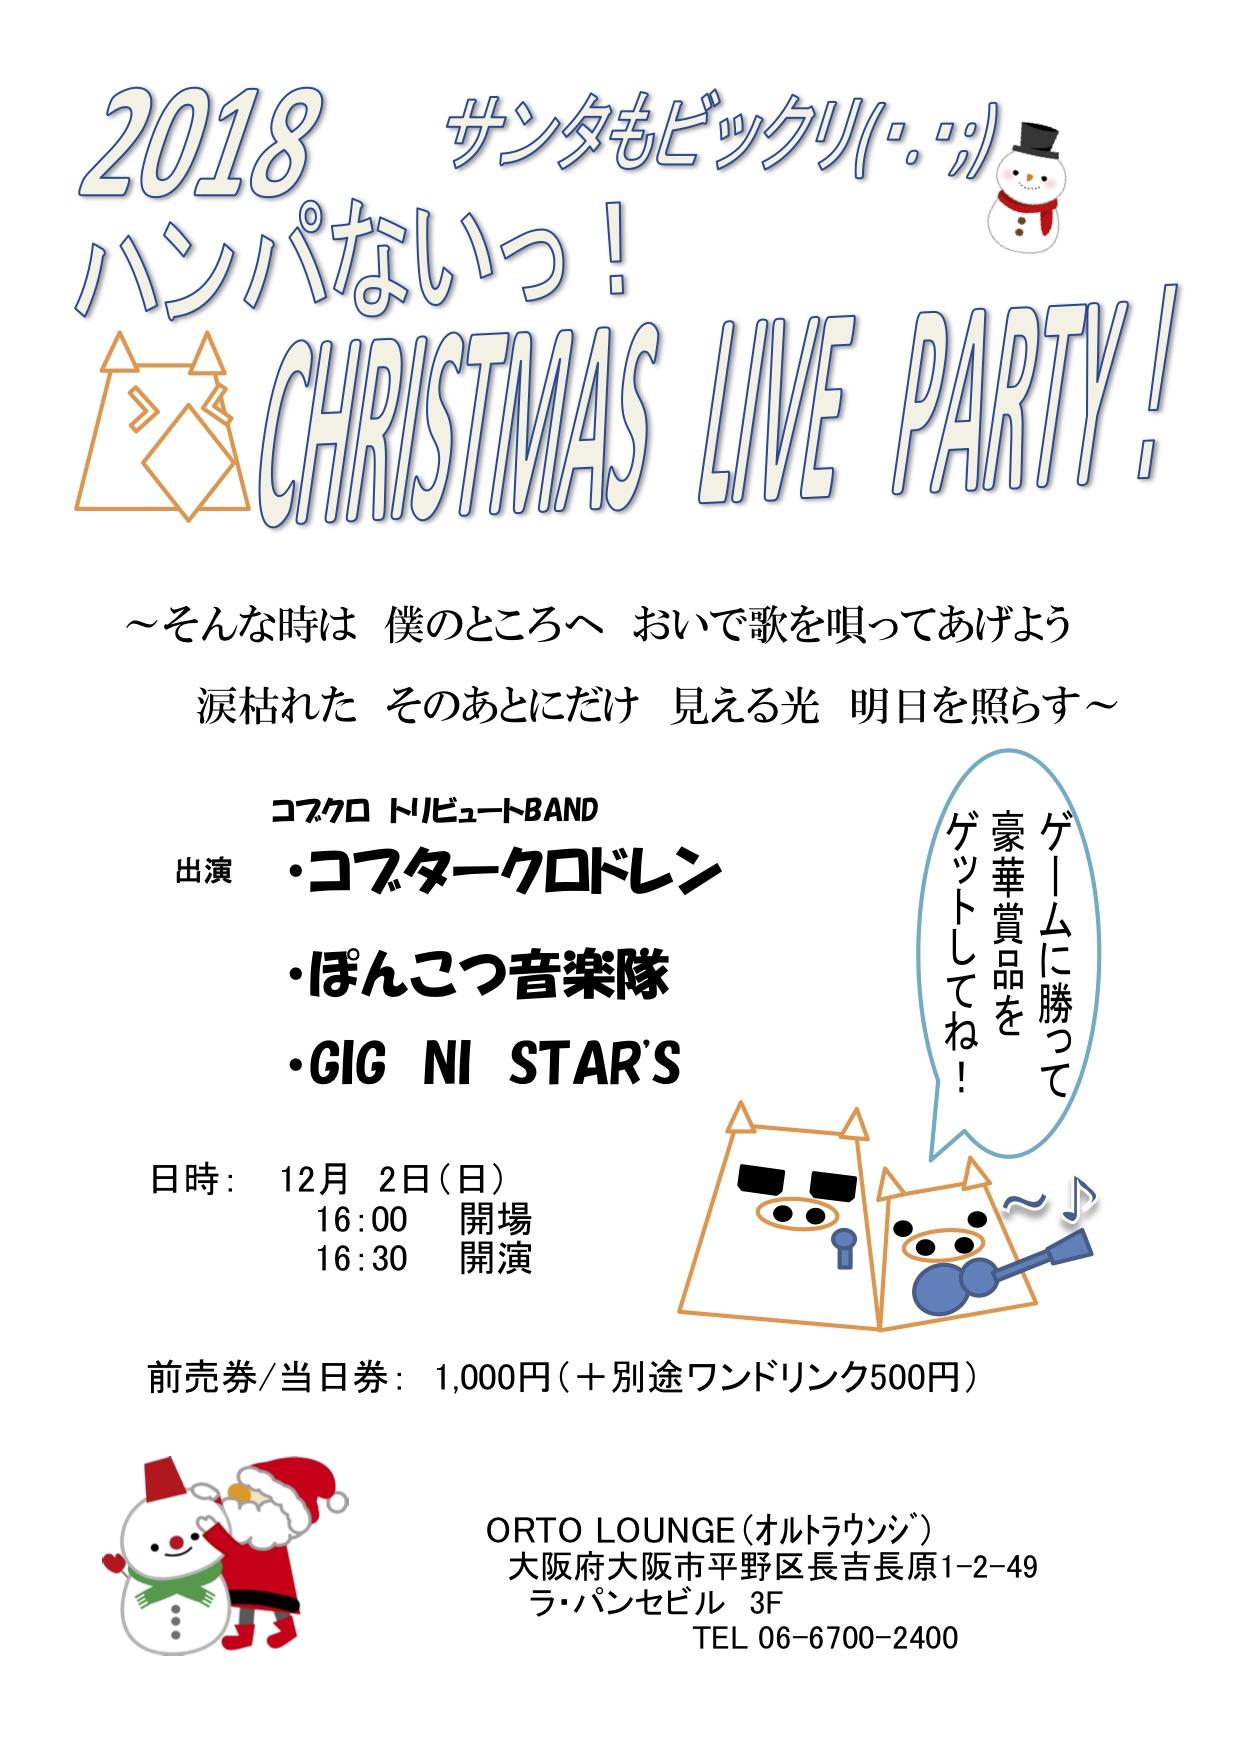 2018 サンタもびっくり ハンパないっ! Christmas Live Party!